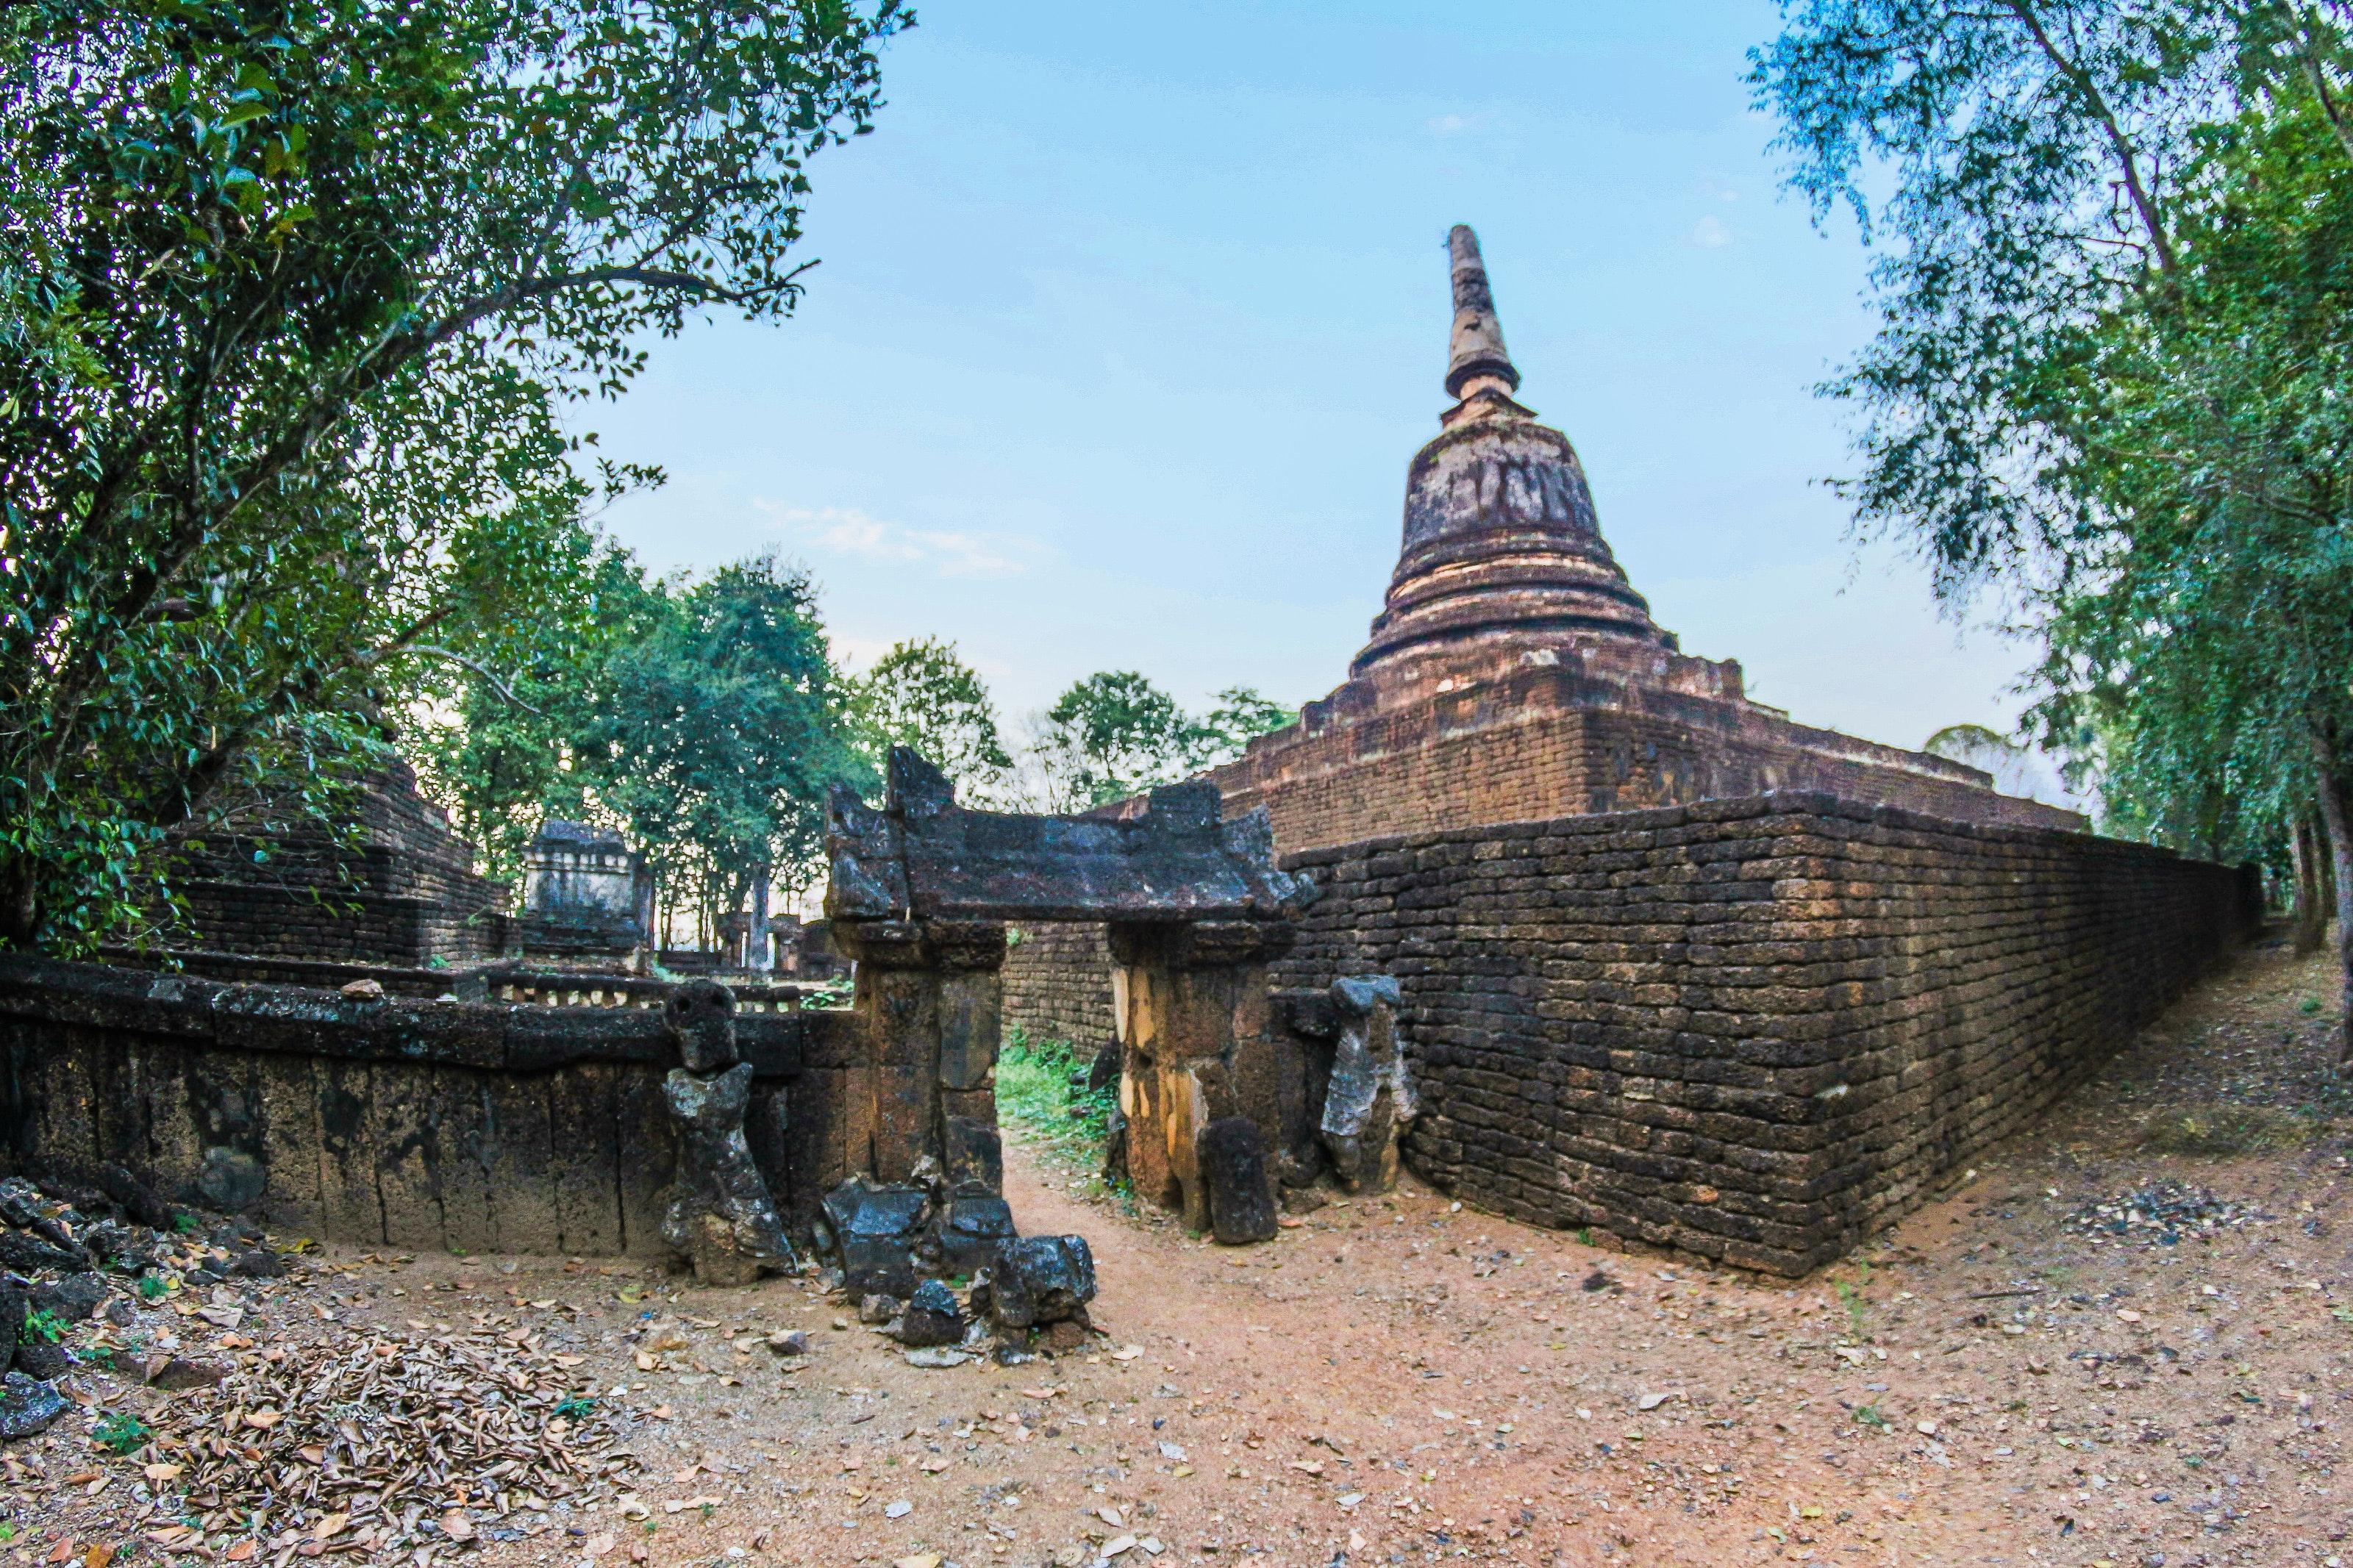 Brown Concrete Temple Under Blue Sky, Ancient, Thailand, Sculpture, Spirituality, HQ Photo